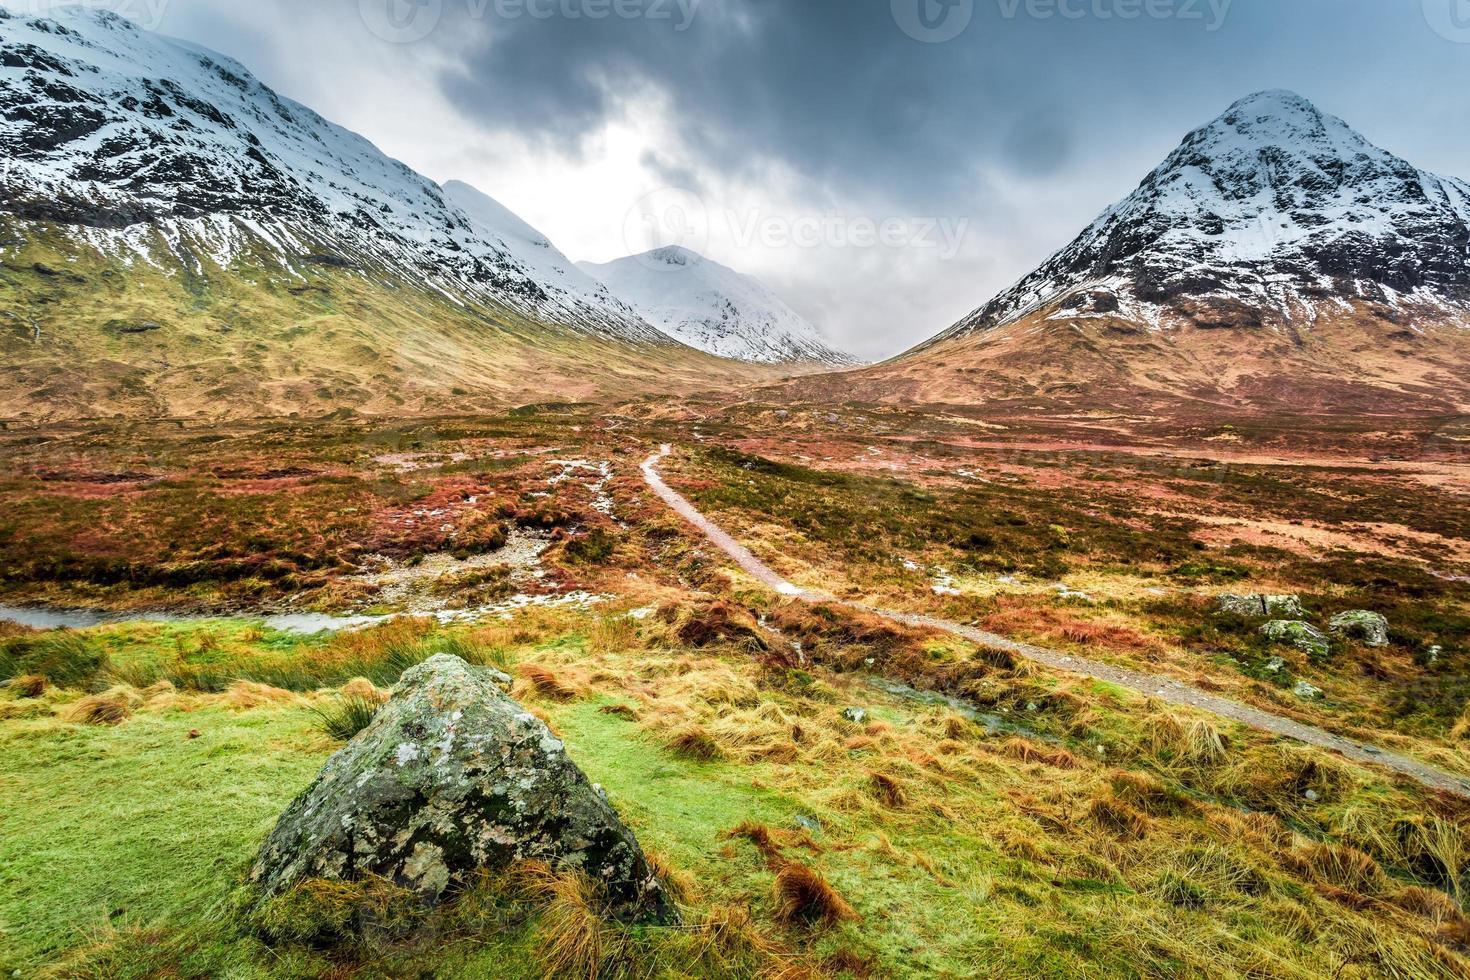 trilha nas montanhas glencoe foto